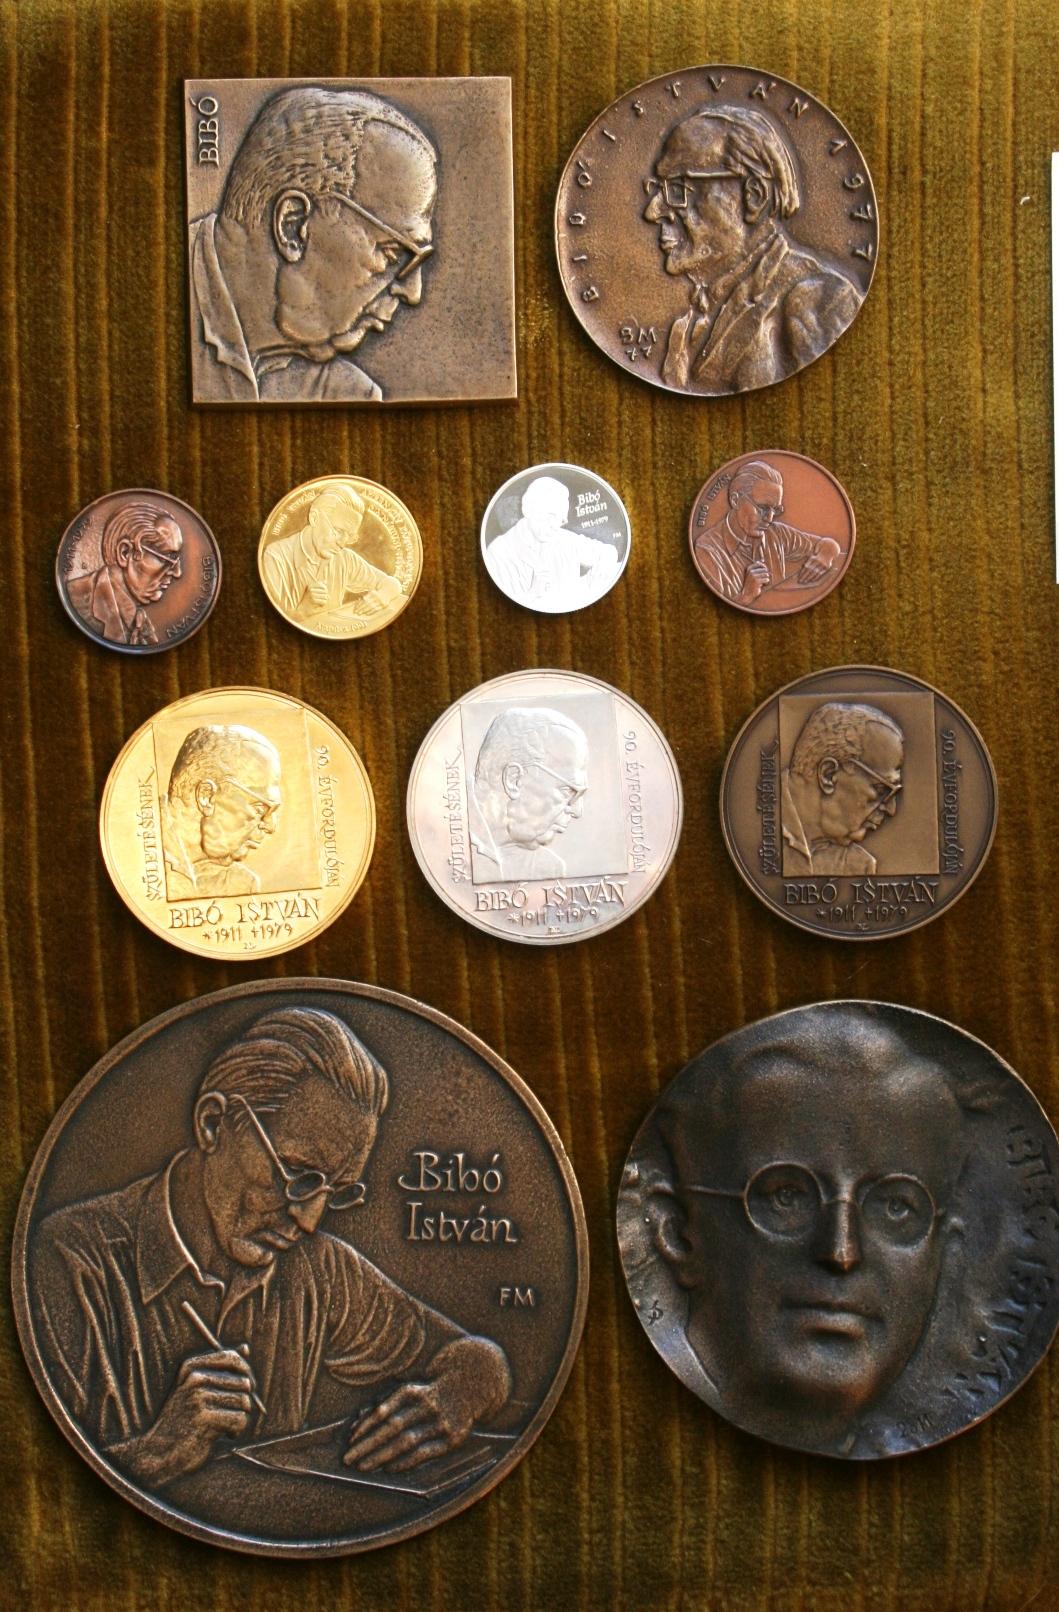 István Bibó's memorial coins and plaquettes.Masters: Nagy, Lajos 2001; Borsos, Miklós 1977; Fritz, Mihály 2011; Bartos, Endre 1990s; Szabó, György 2011, Dudás, Sándor 2011.